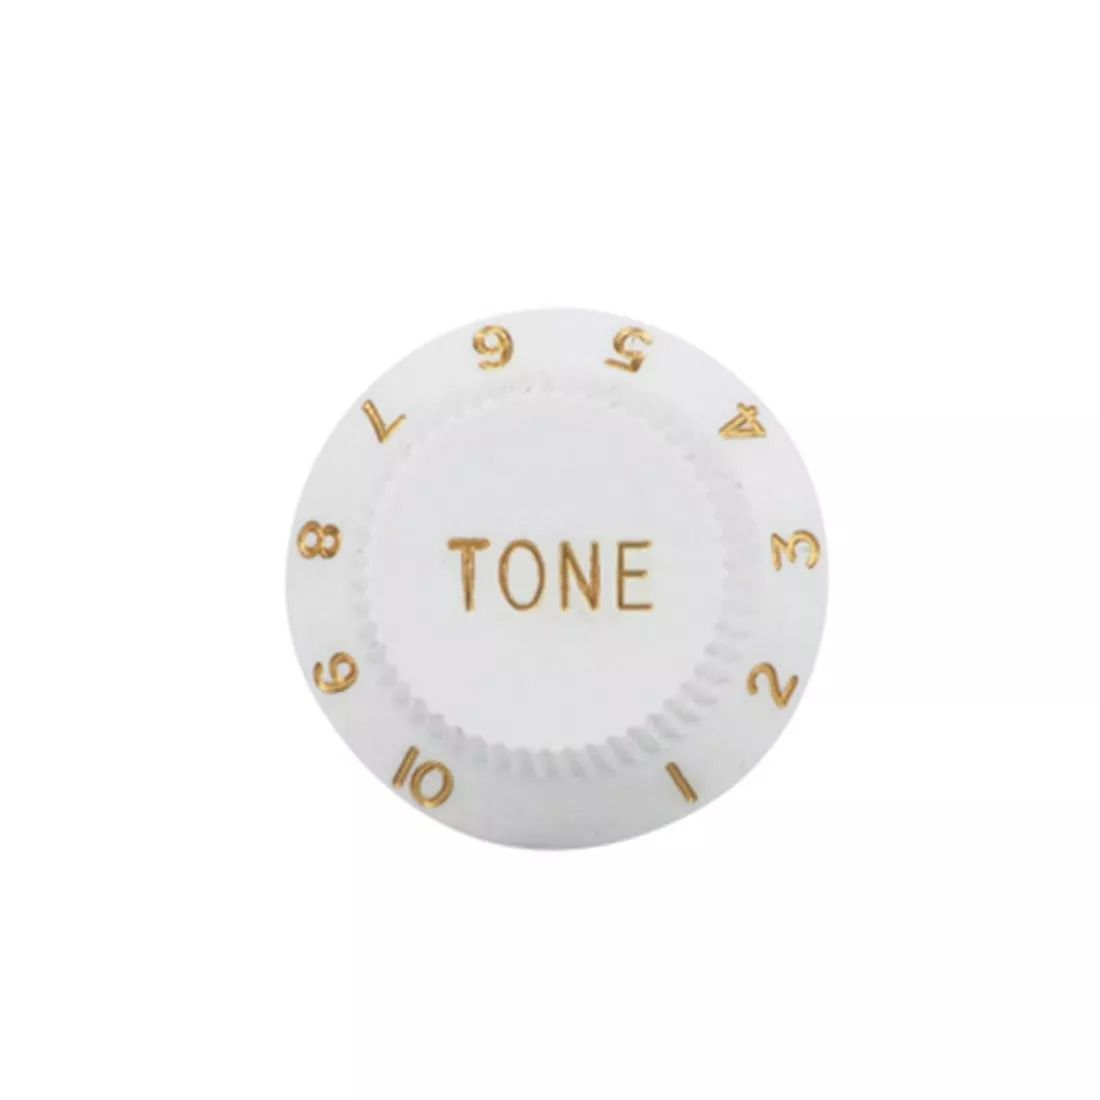 Knob Plástico Para Guitarra Stratocaster Tone Branco